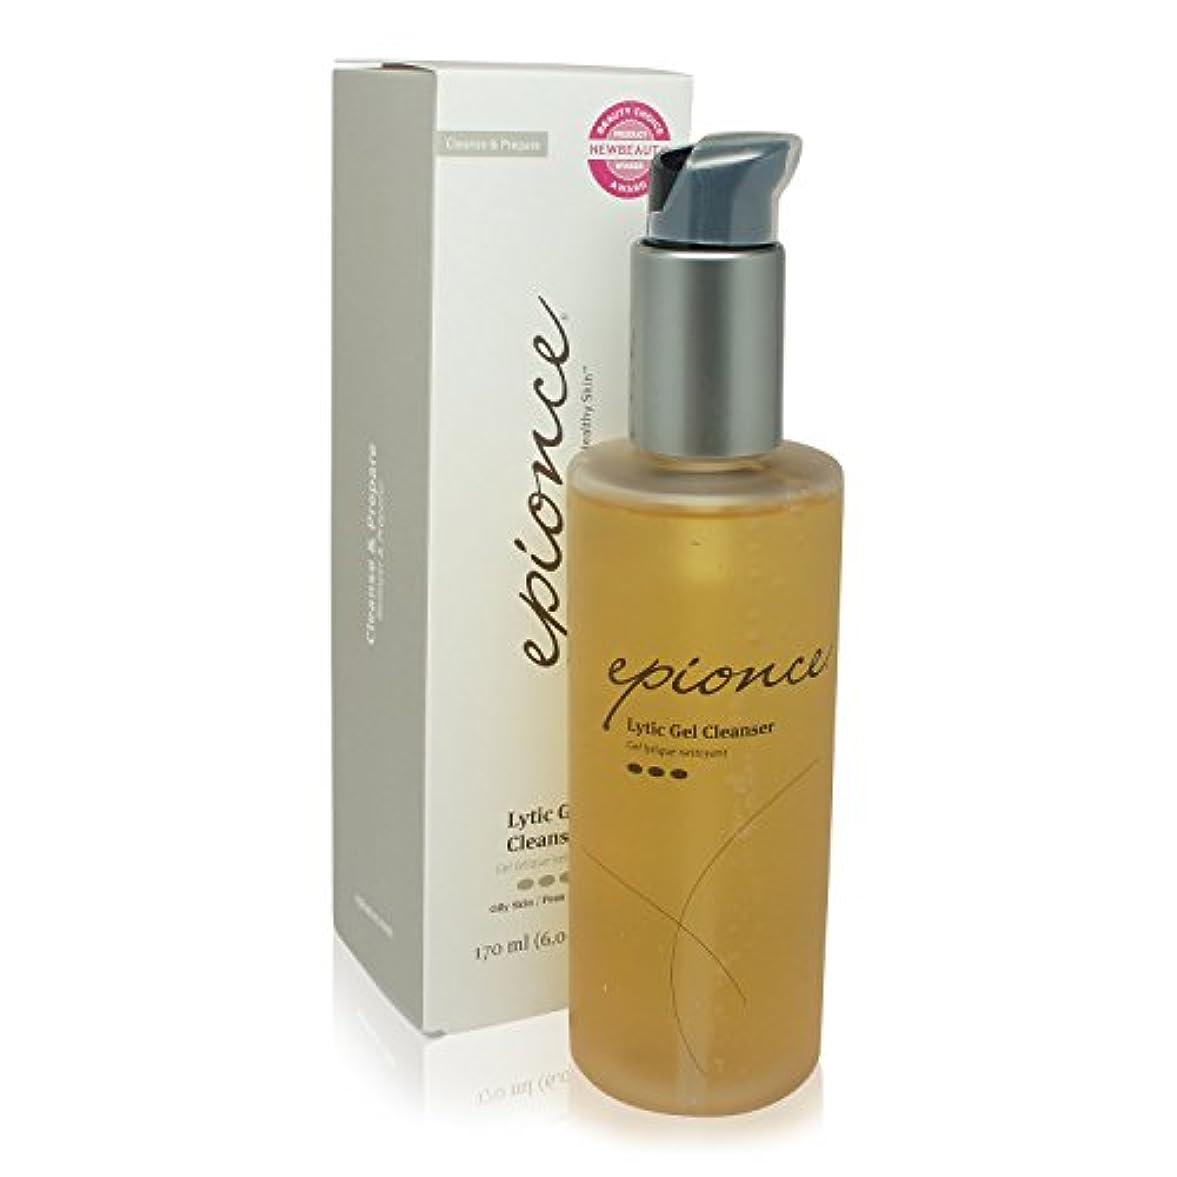 ヘッジ講師プログレッシブEpionce Lytic Gel Cleanser - For Combination to Oily/Problem Skin 170ml/6oz並行輸入品